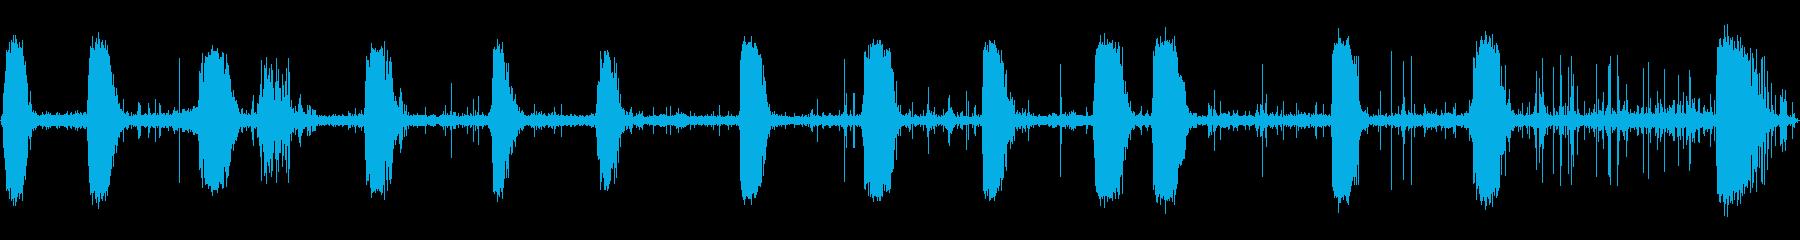 ヘビーブローイングファイアウーシャの再生済みの波形